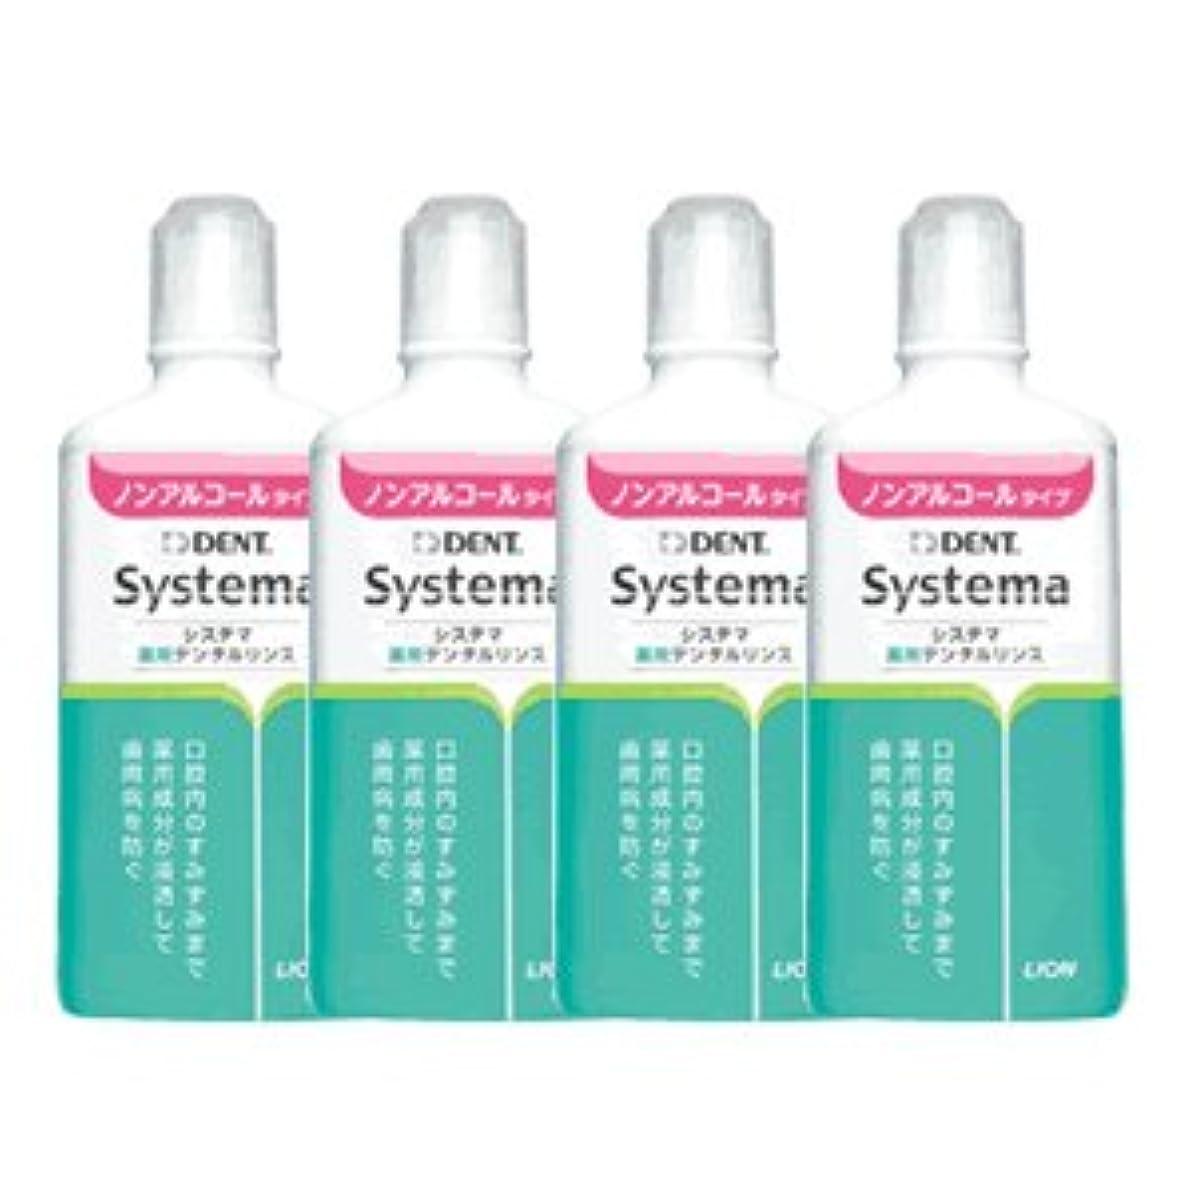 酸度能力そうライオン システマ 薬用 デンタルリンス 450ml ノンアルコールタイプ 4本セット 医薬部外品